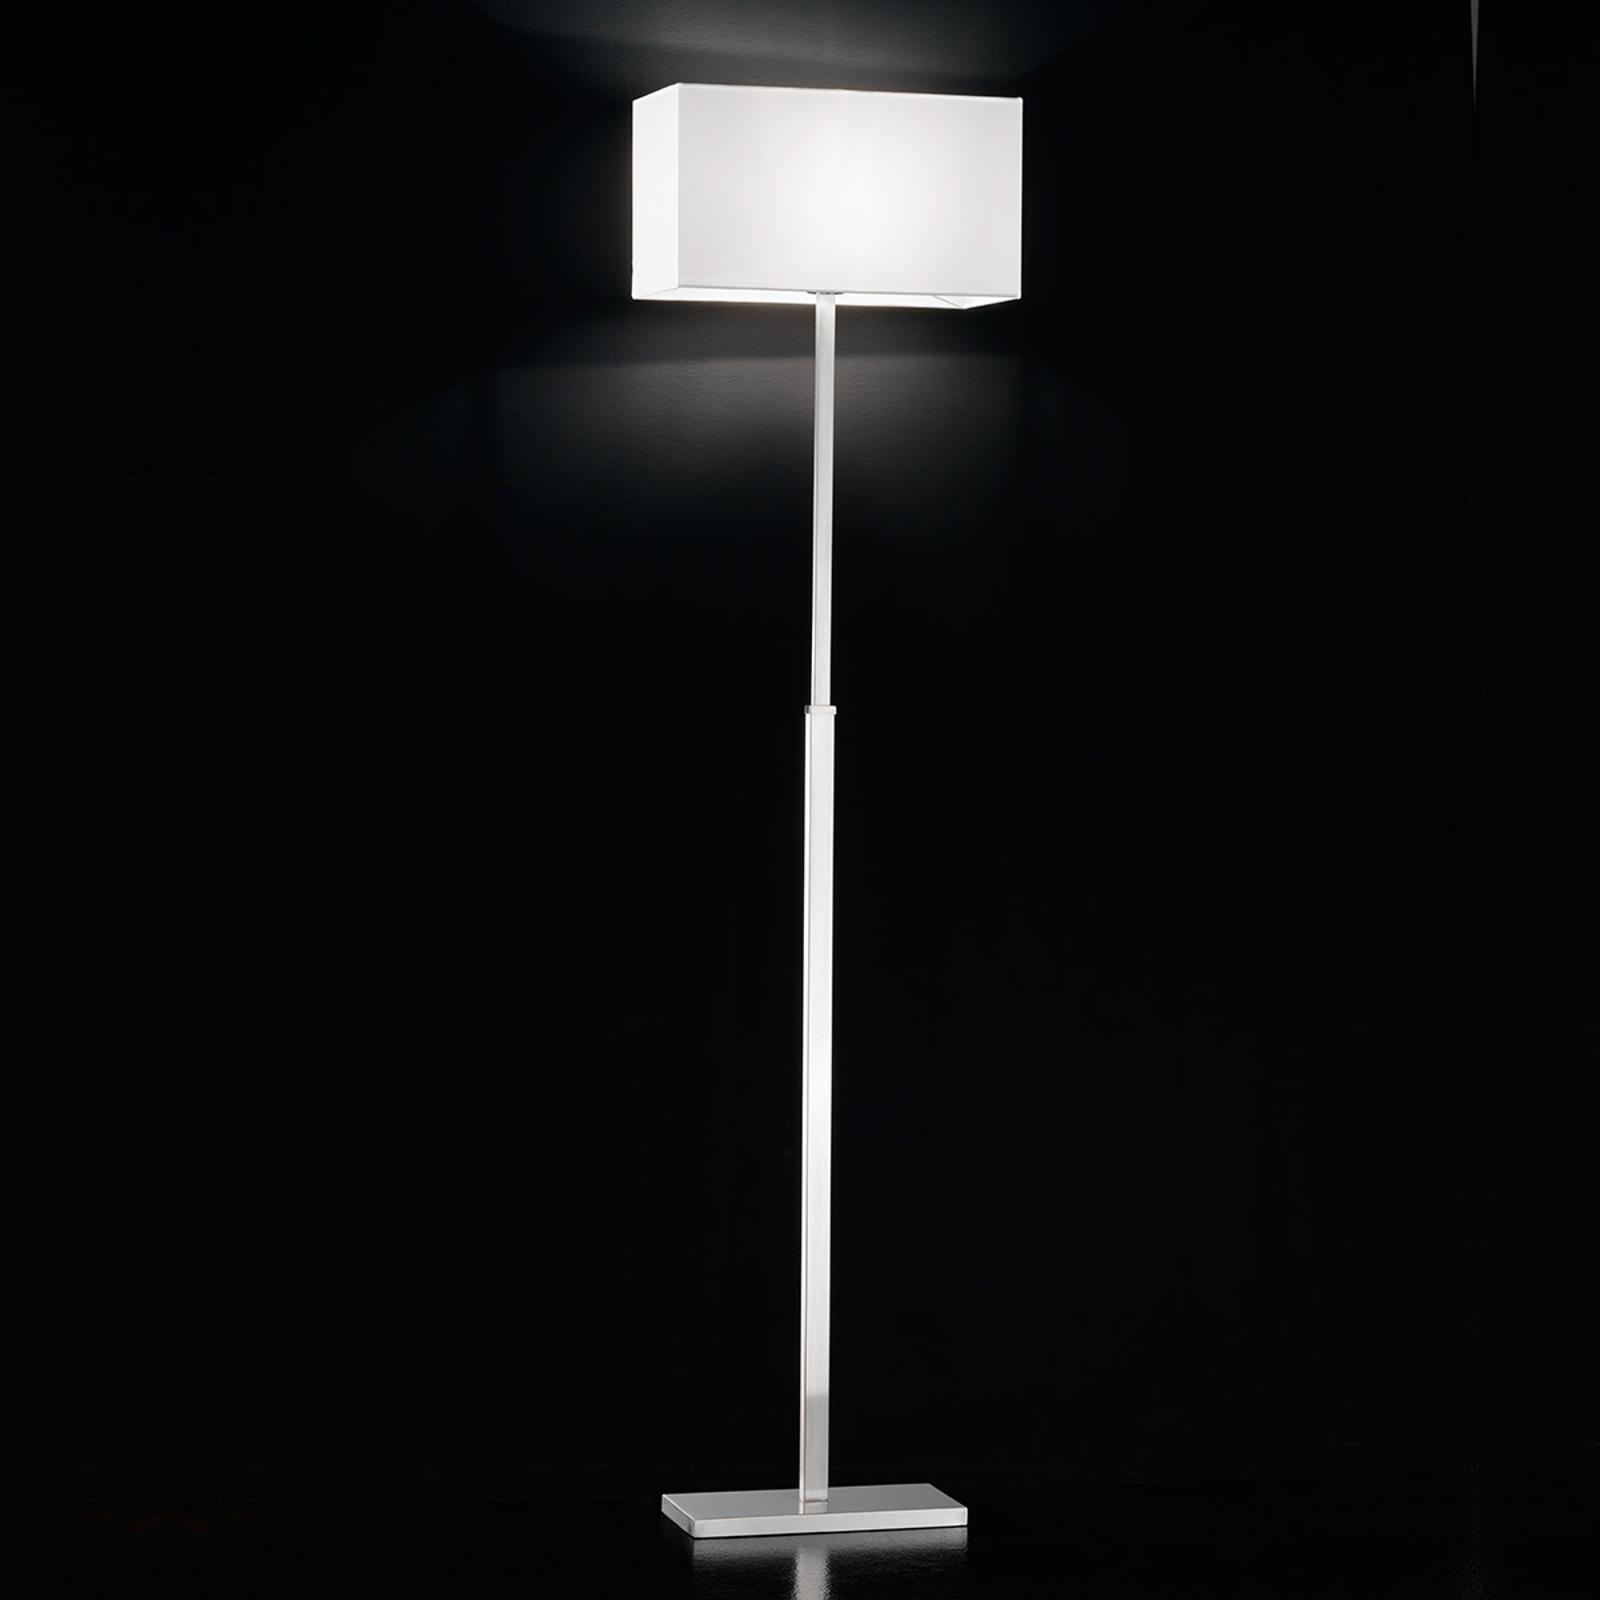 Sobre et moderne lampadaire Emilian